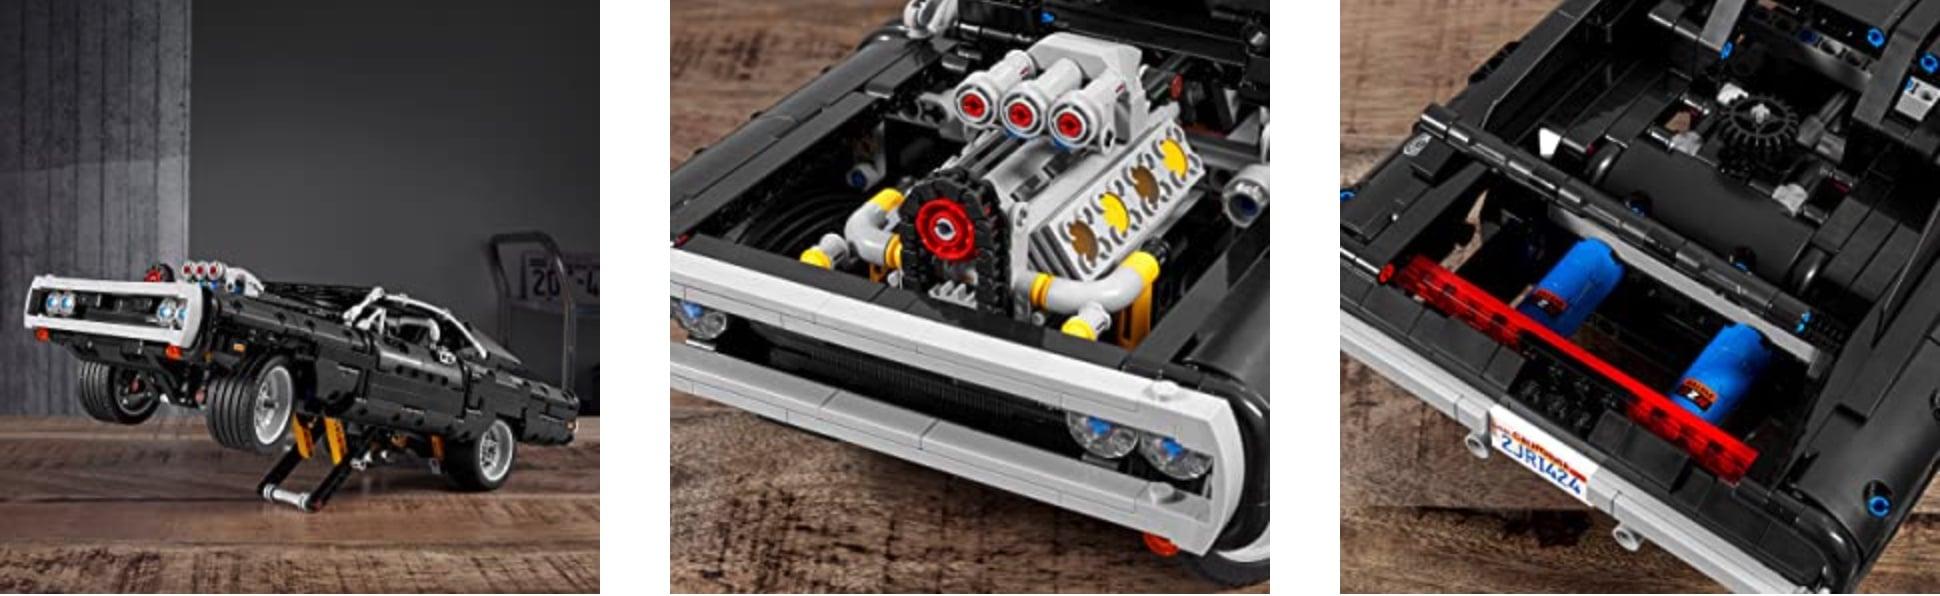 """Der LEGO Technic Modellbausatz """"Dom's Dodge Charger"""" (42111) enthält eine faszinierende Nachbildung des klassischen Muscle-Cars und inspiriert Fans dazu, ihre Lieblingsszenen aus der Filmreihe """"The Fast and the Furious"""" nachzustellen."""